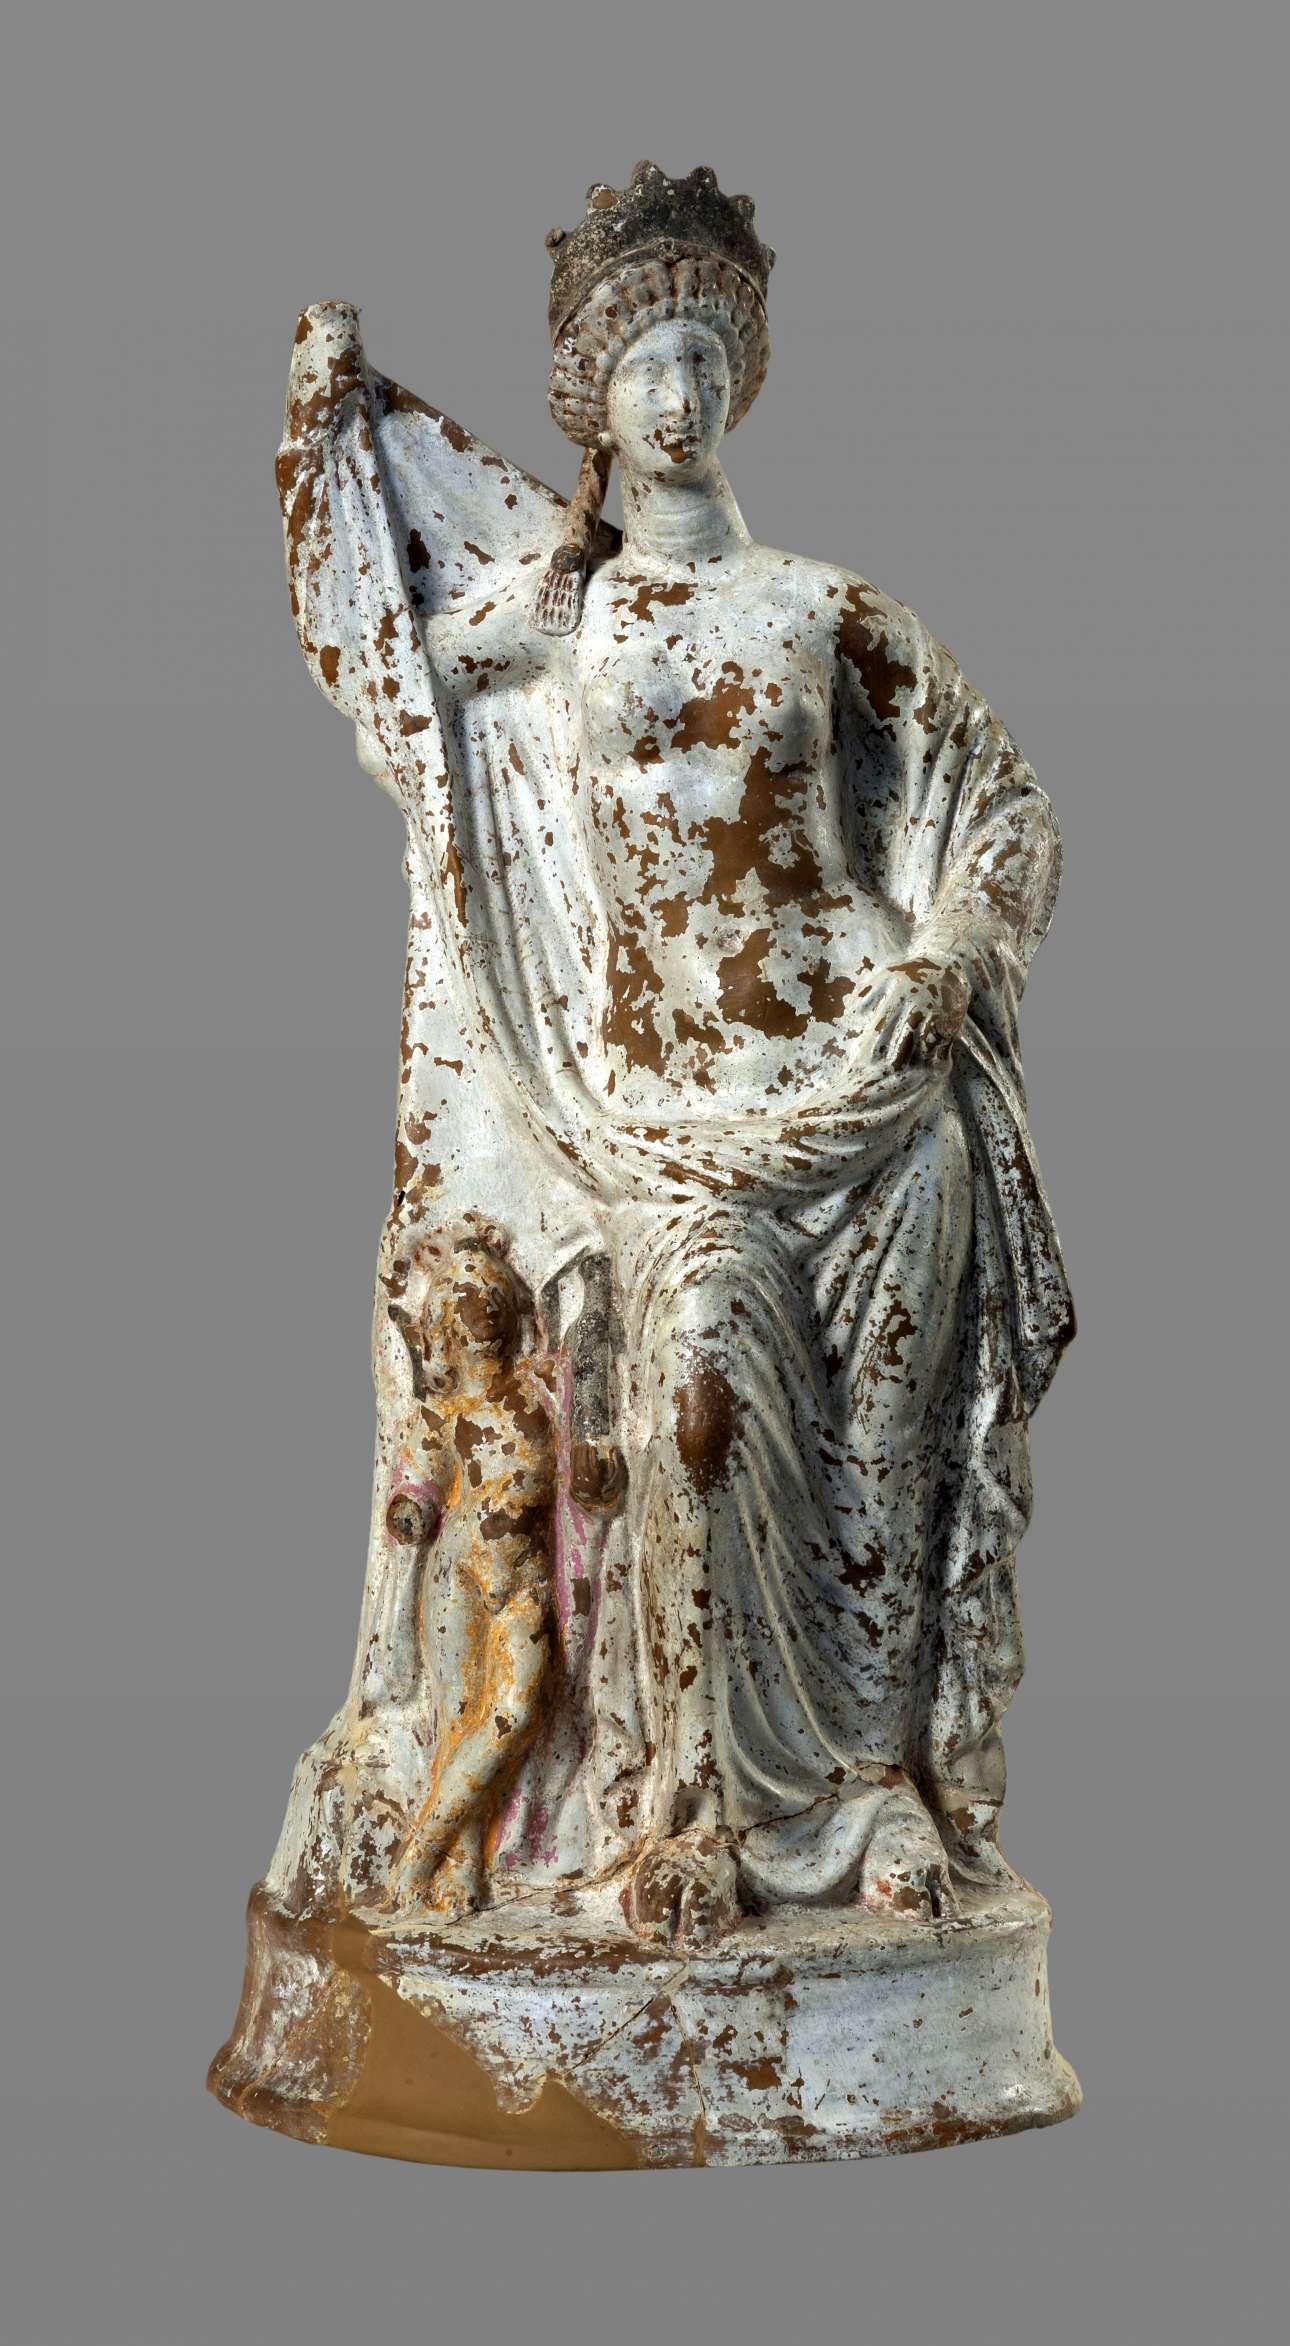 Πήλινο αγαλμάτιο της θεάς Αφροδίτης (Ύστερος 2ος/1ος αι. π.Χ.), (© ΕΑΜ/ΤΑΠ.  Φωτ. Σ. Μαυρομμάτης)